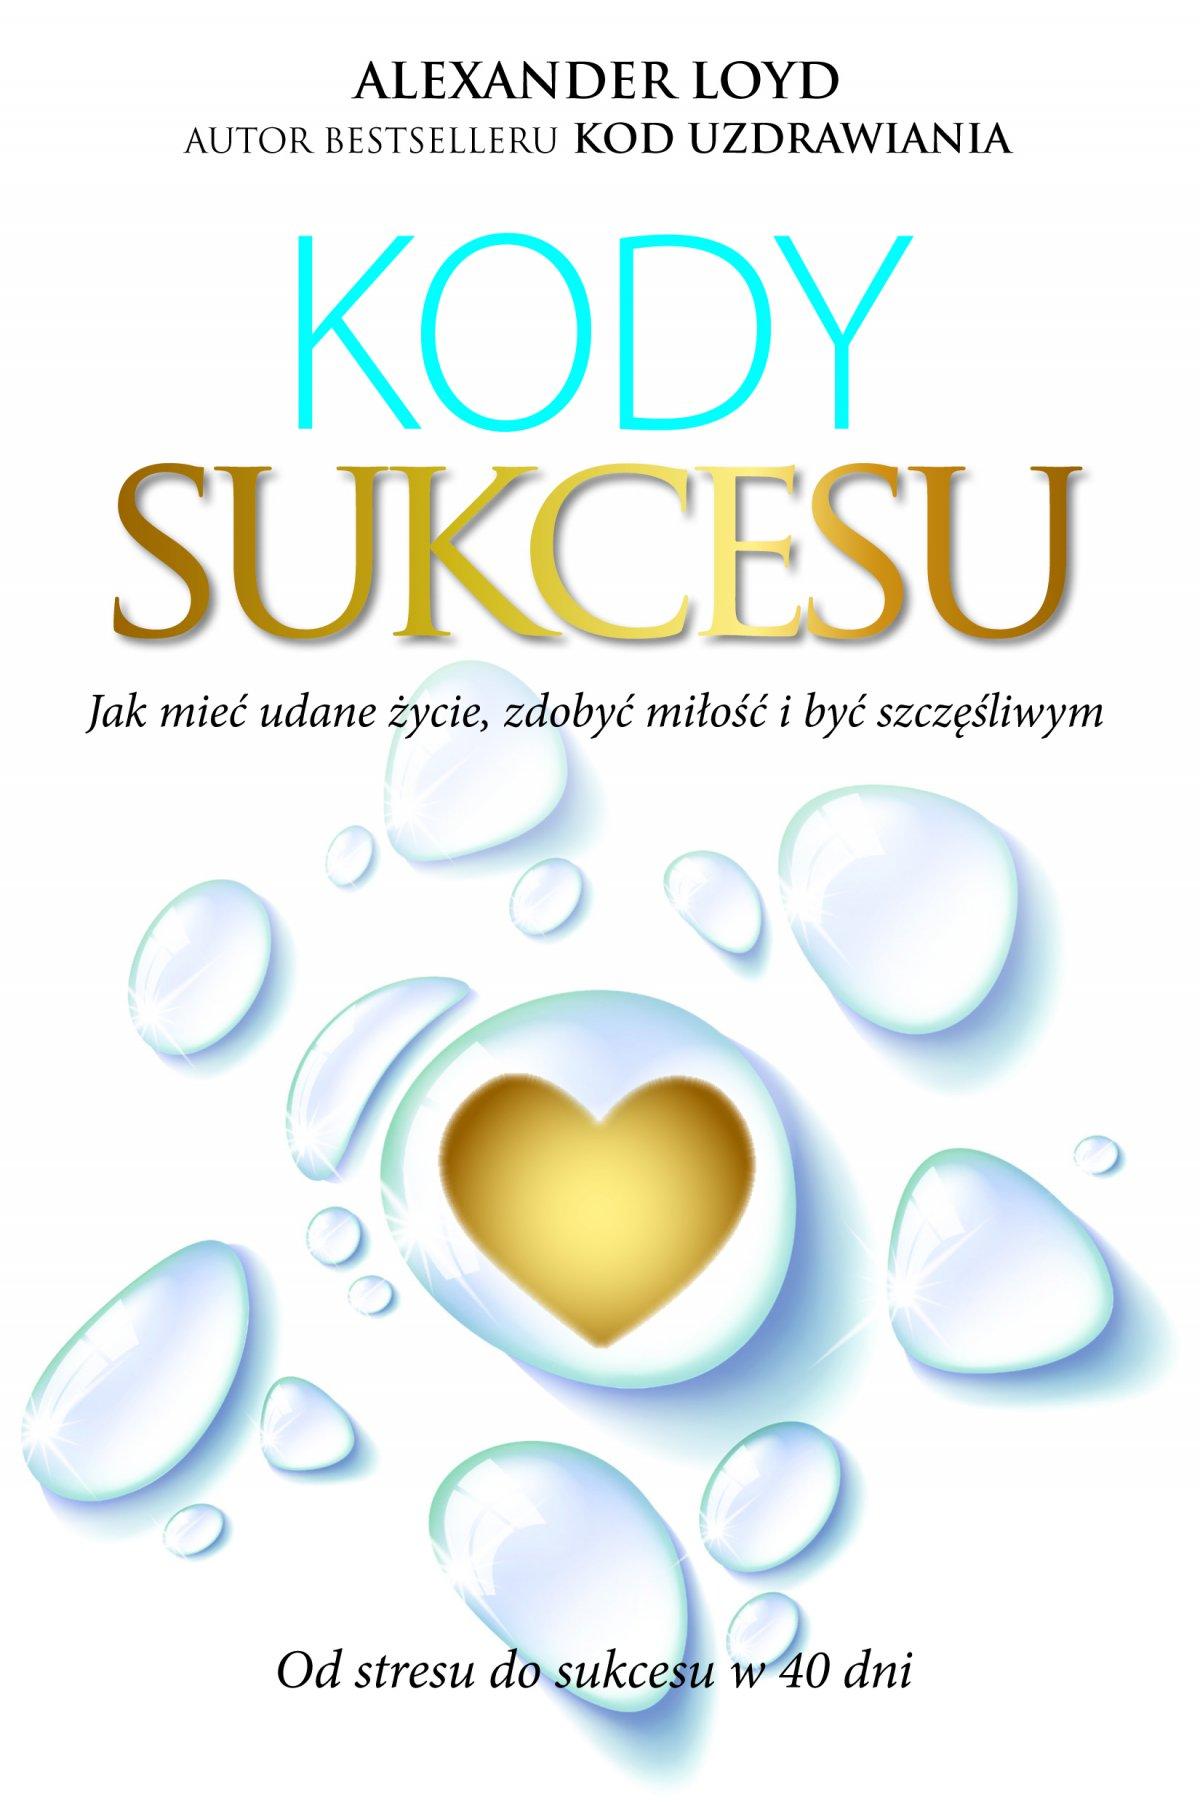 Kody Sukcesu. Jak mieć udane życie, zdobyć miłość i być szczęśliwym - Ebook (Książka EPUB) do pobrania w formacie EPUB